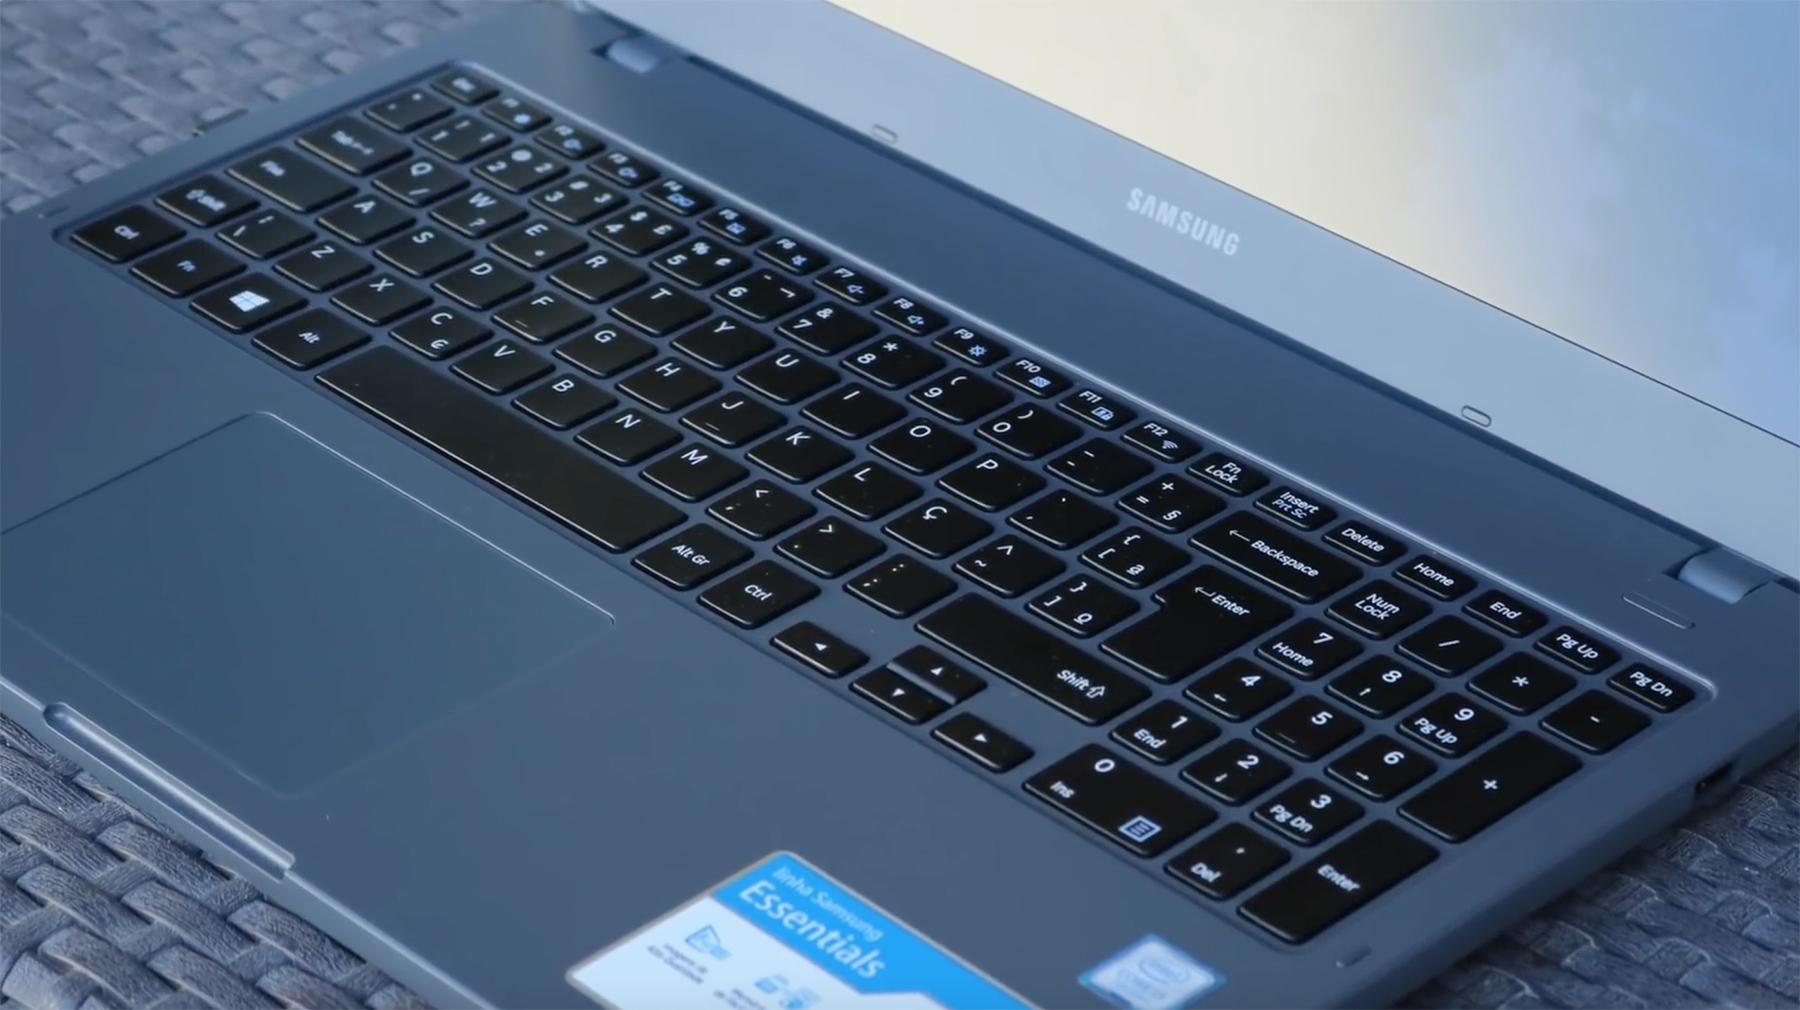 Teclado e touchpad do Samsung essentials e30